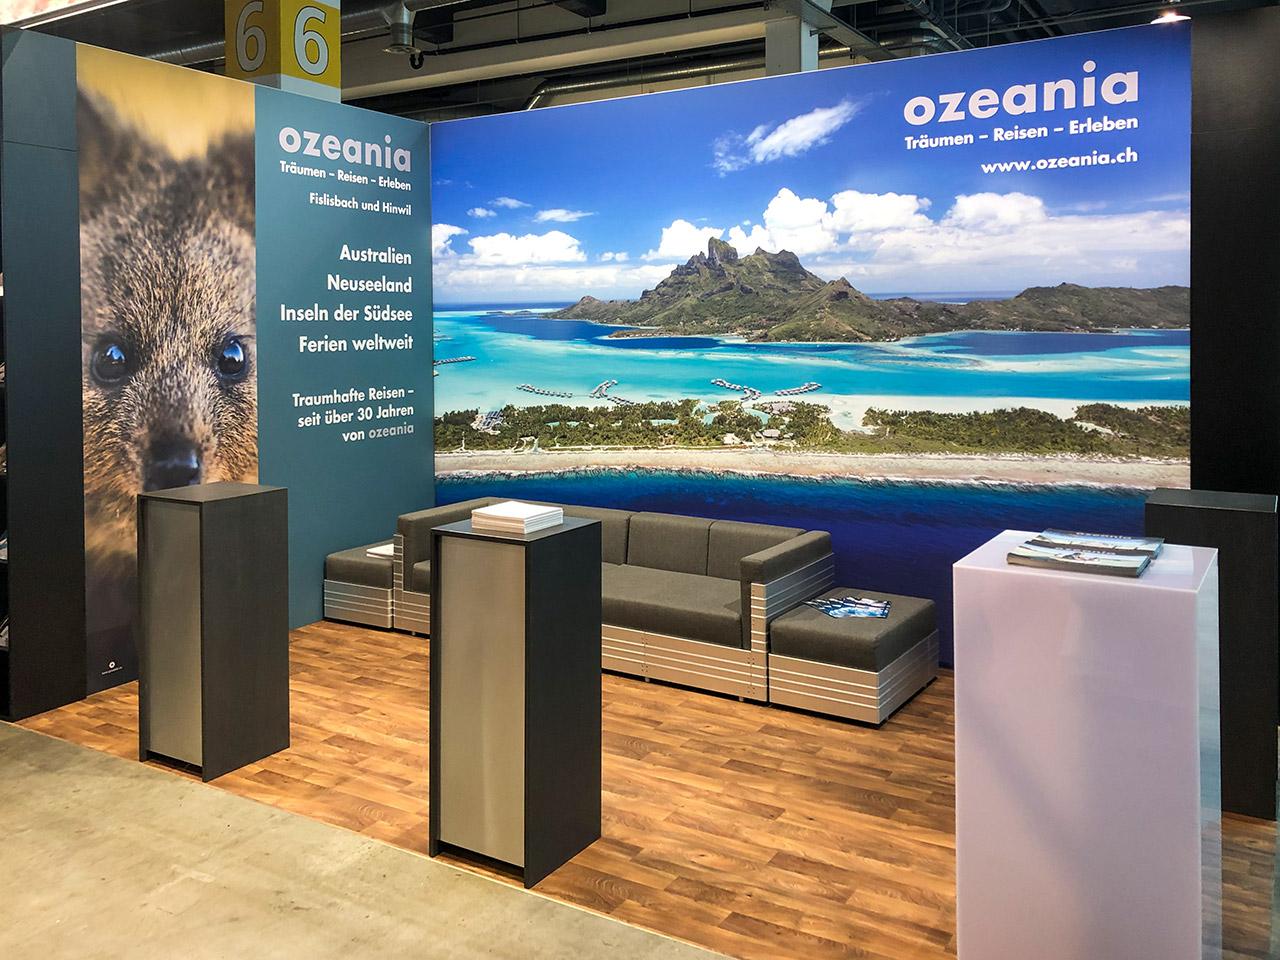 Messestand von Ozeania Reisen an der Fespo Zürich 2020